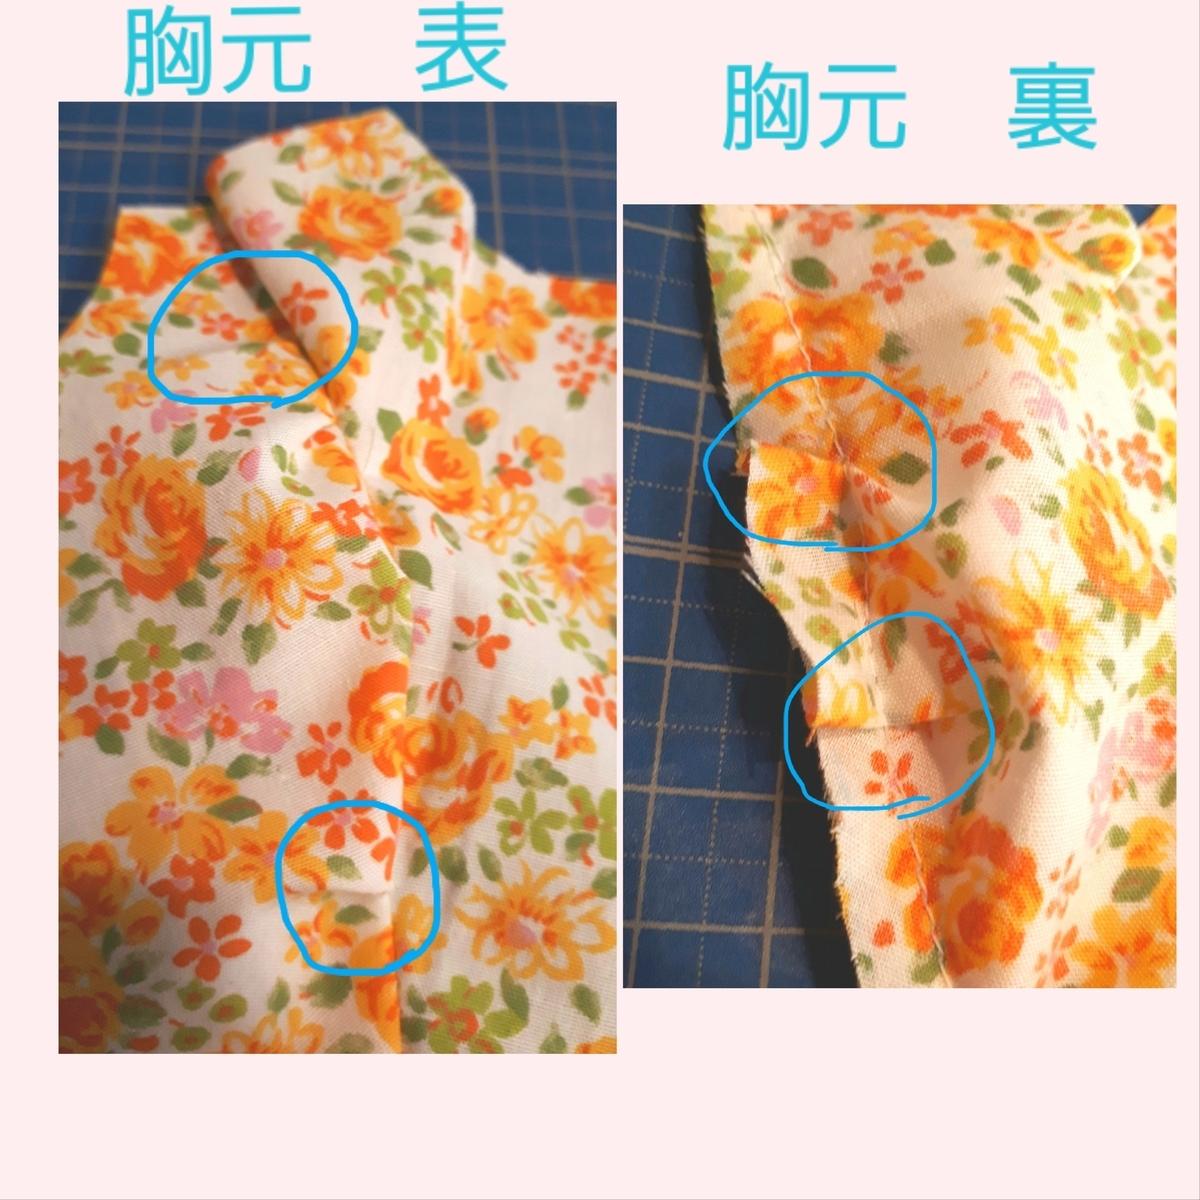 f:id:misami-33:20200720151158j:plain